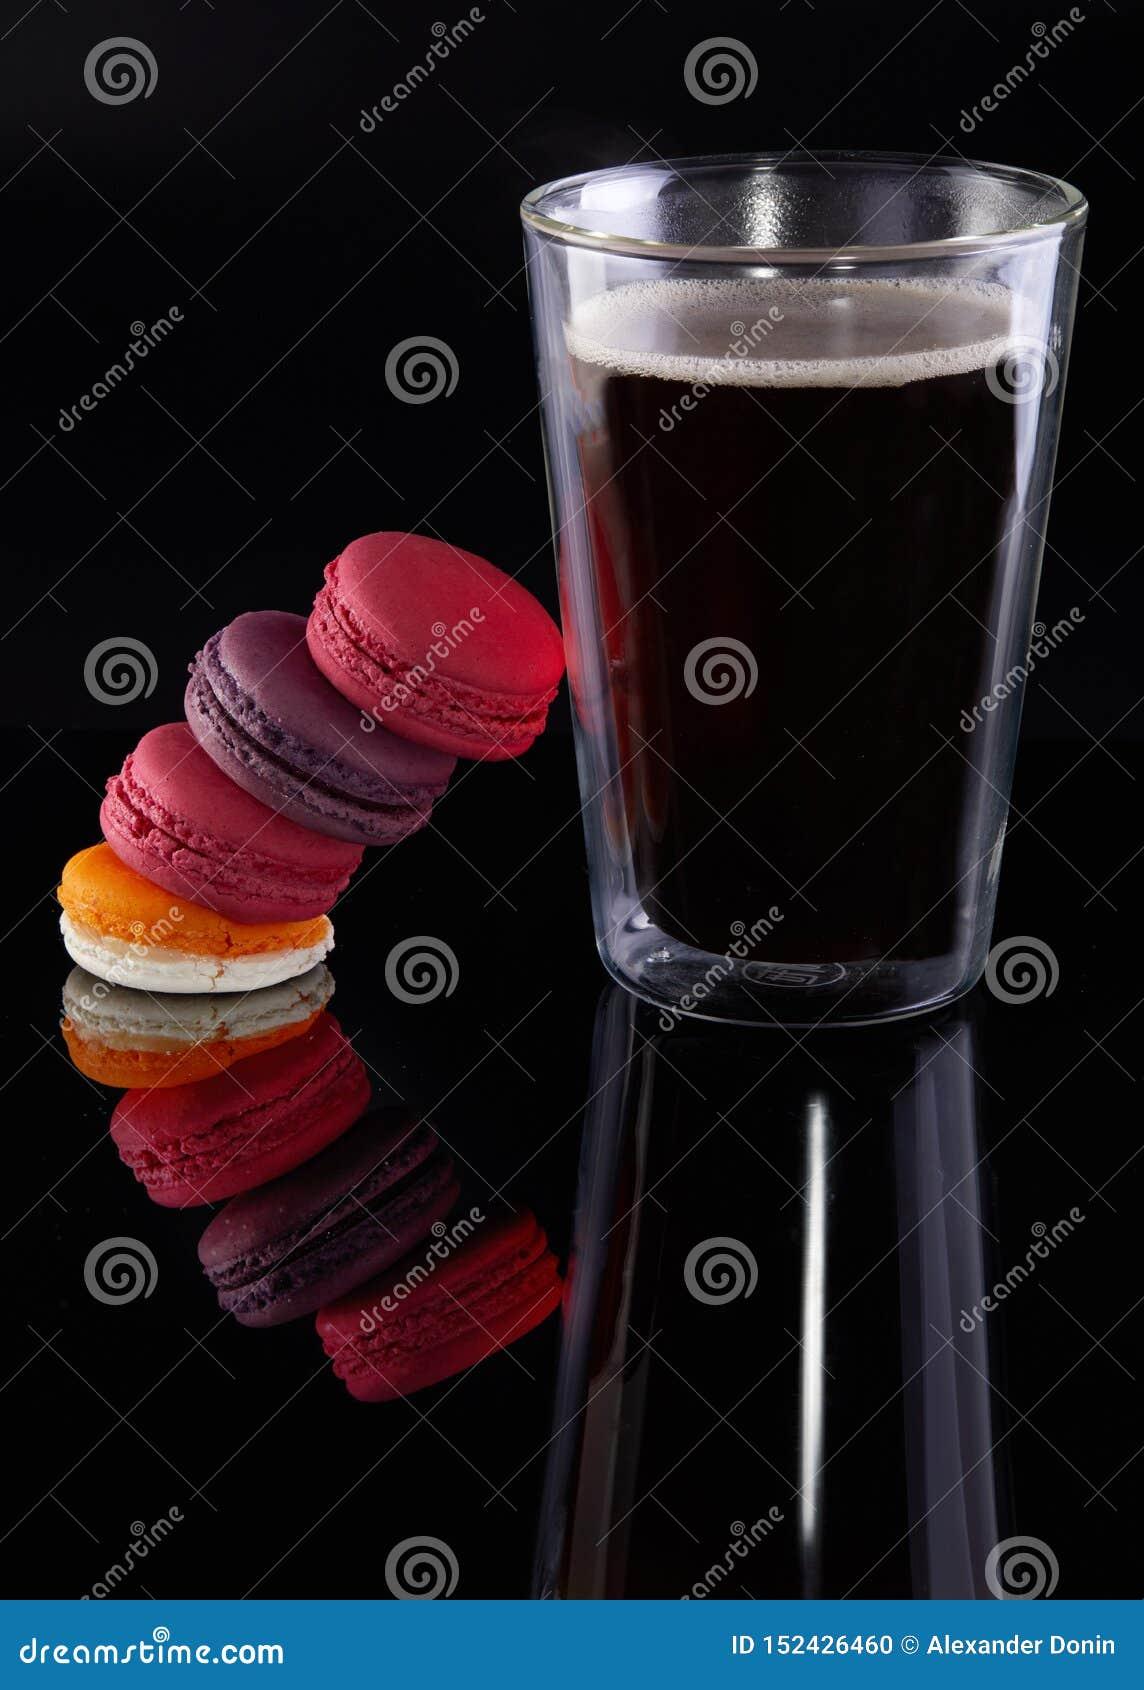 Φρέσκα macarons των διαφορετικών χρωμάτων και των γεύσεων και ένα ποτήρι του καφέ espresso σε ένα μαύρο υπόβαθρο